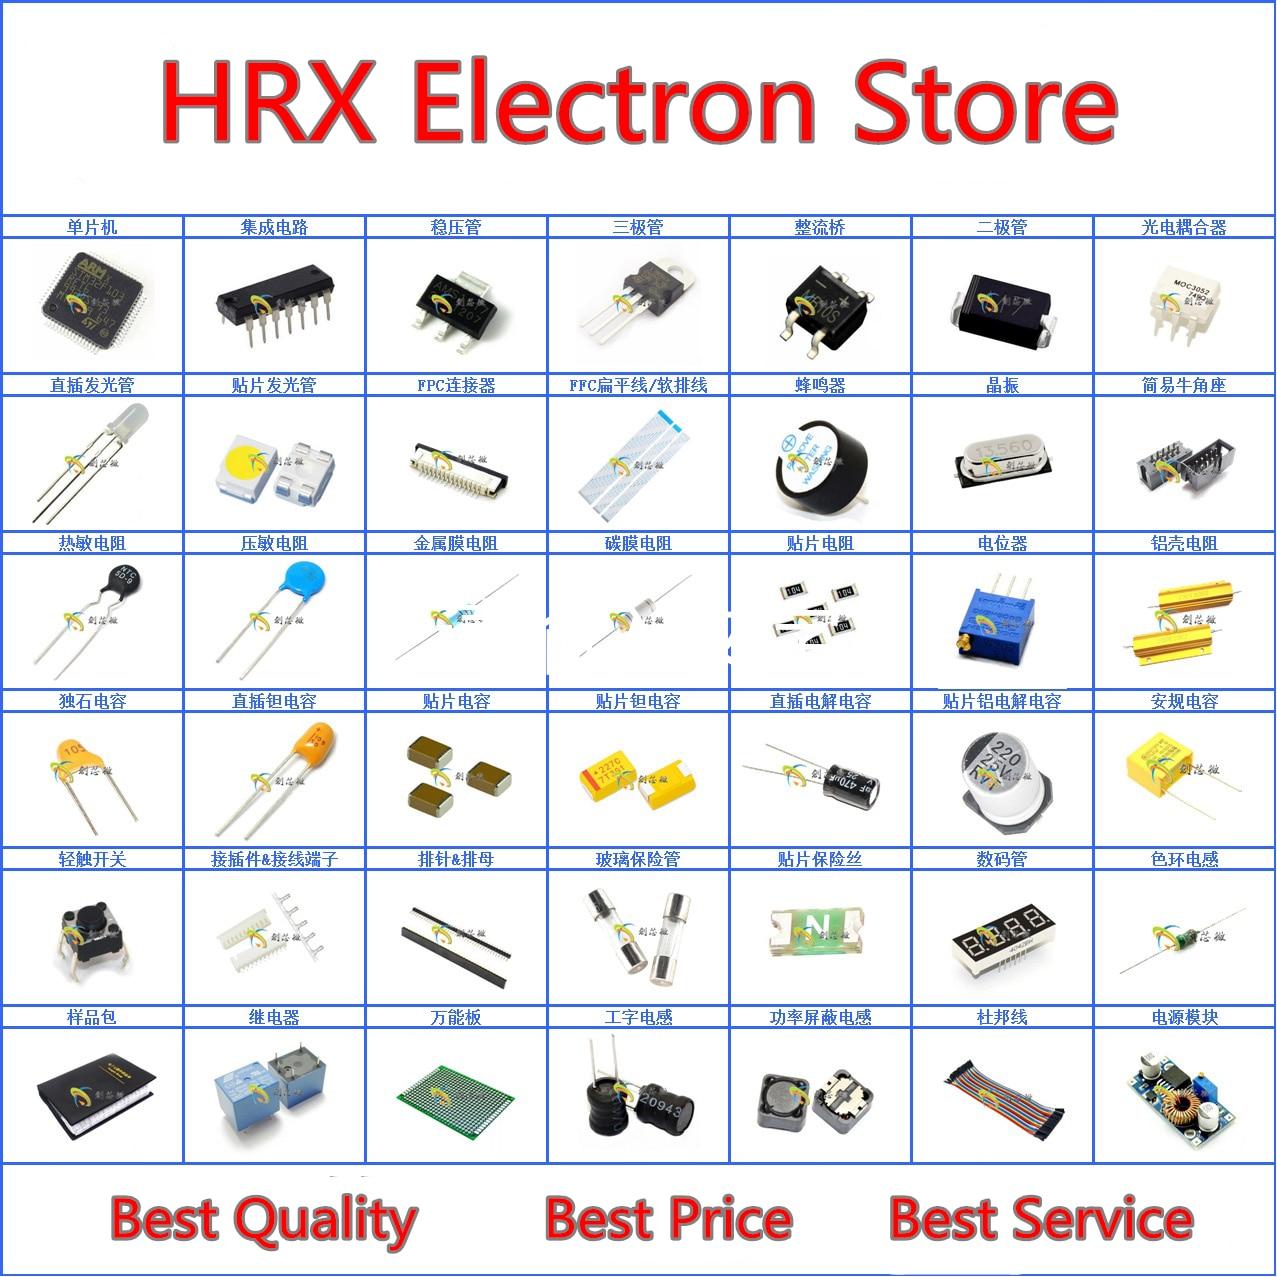 BOM предлагает единый магазин электронных компонентов (сначала проконсультируется с моделями и затем размещает заказ)